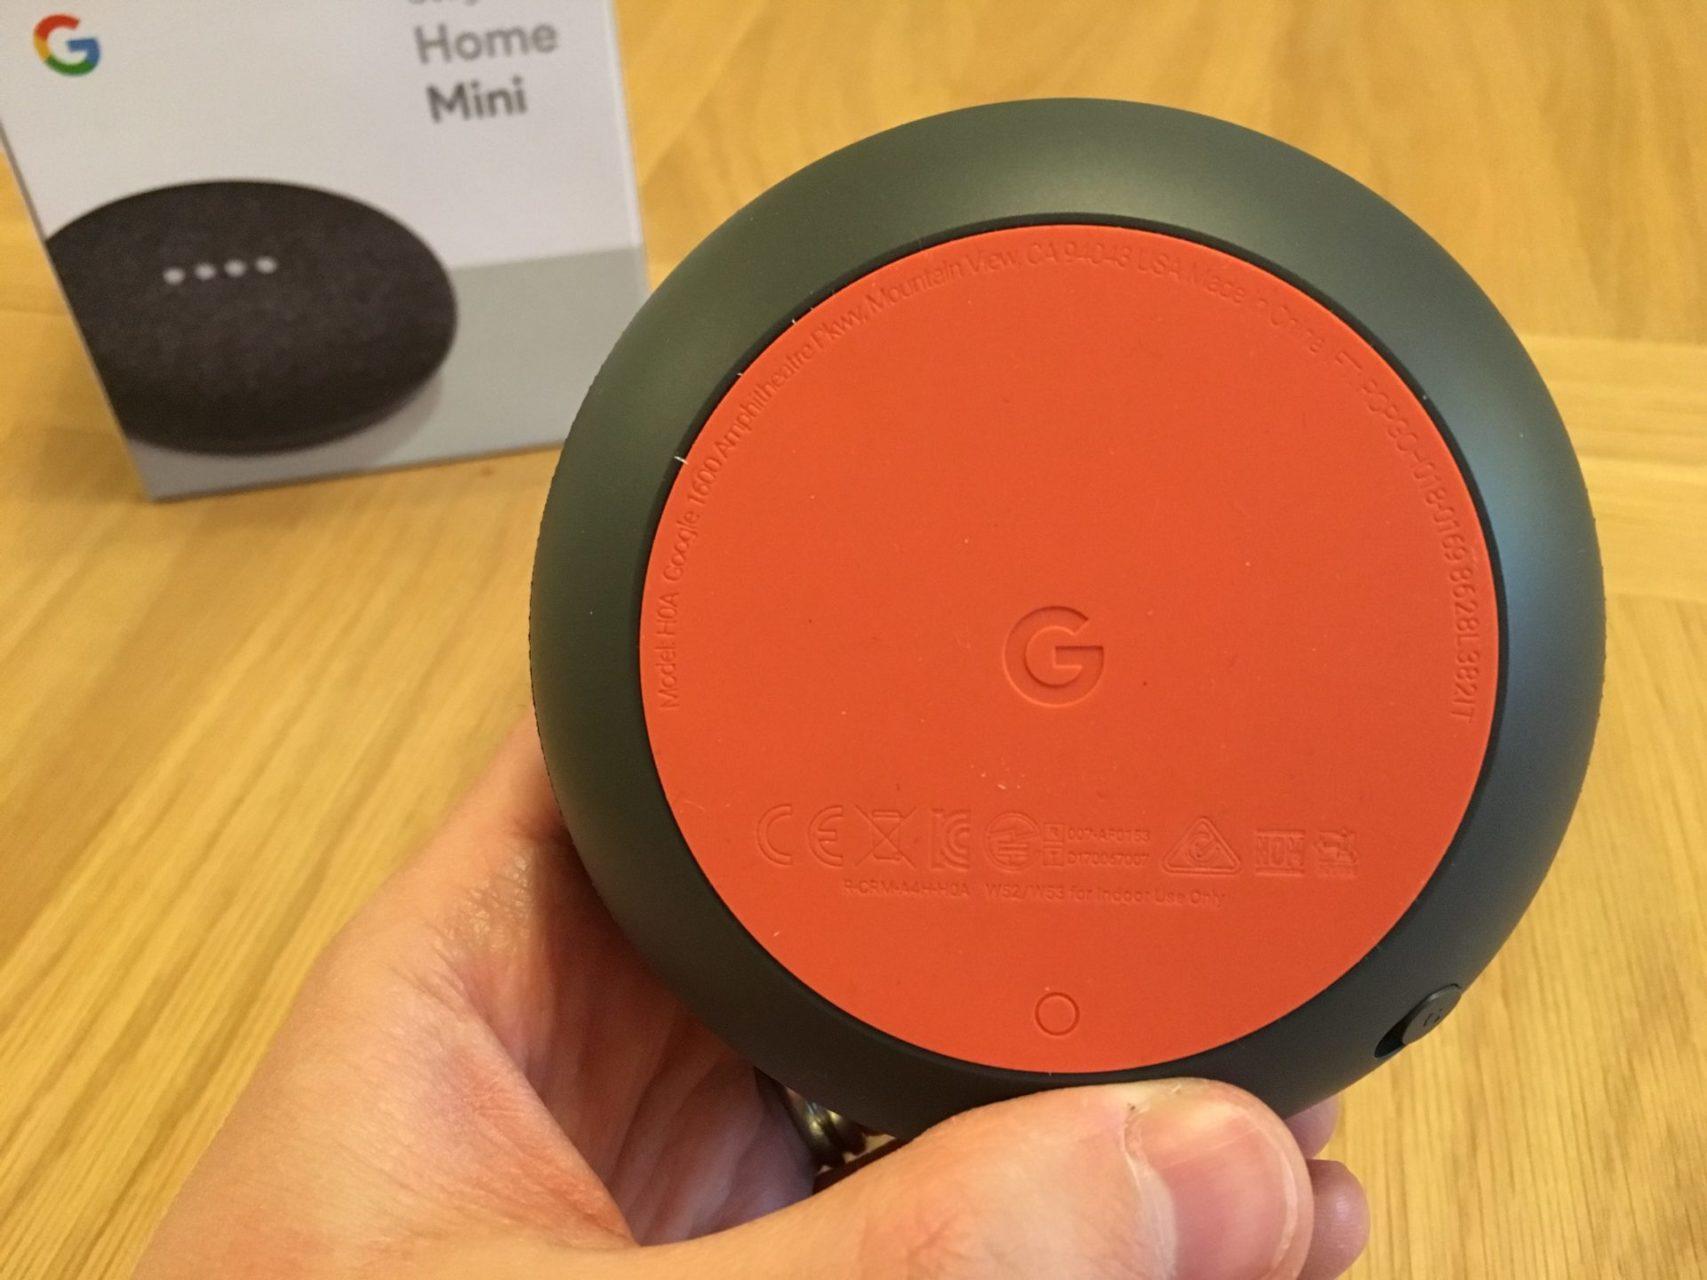 Google Home Mini Bottom